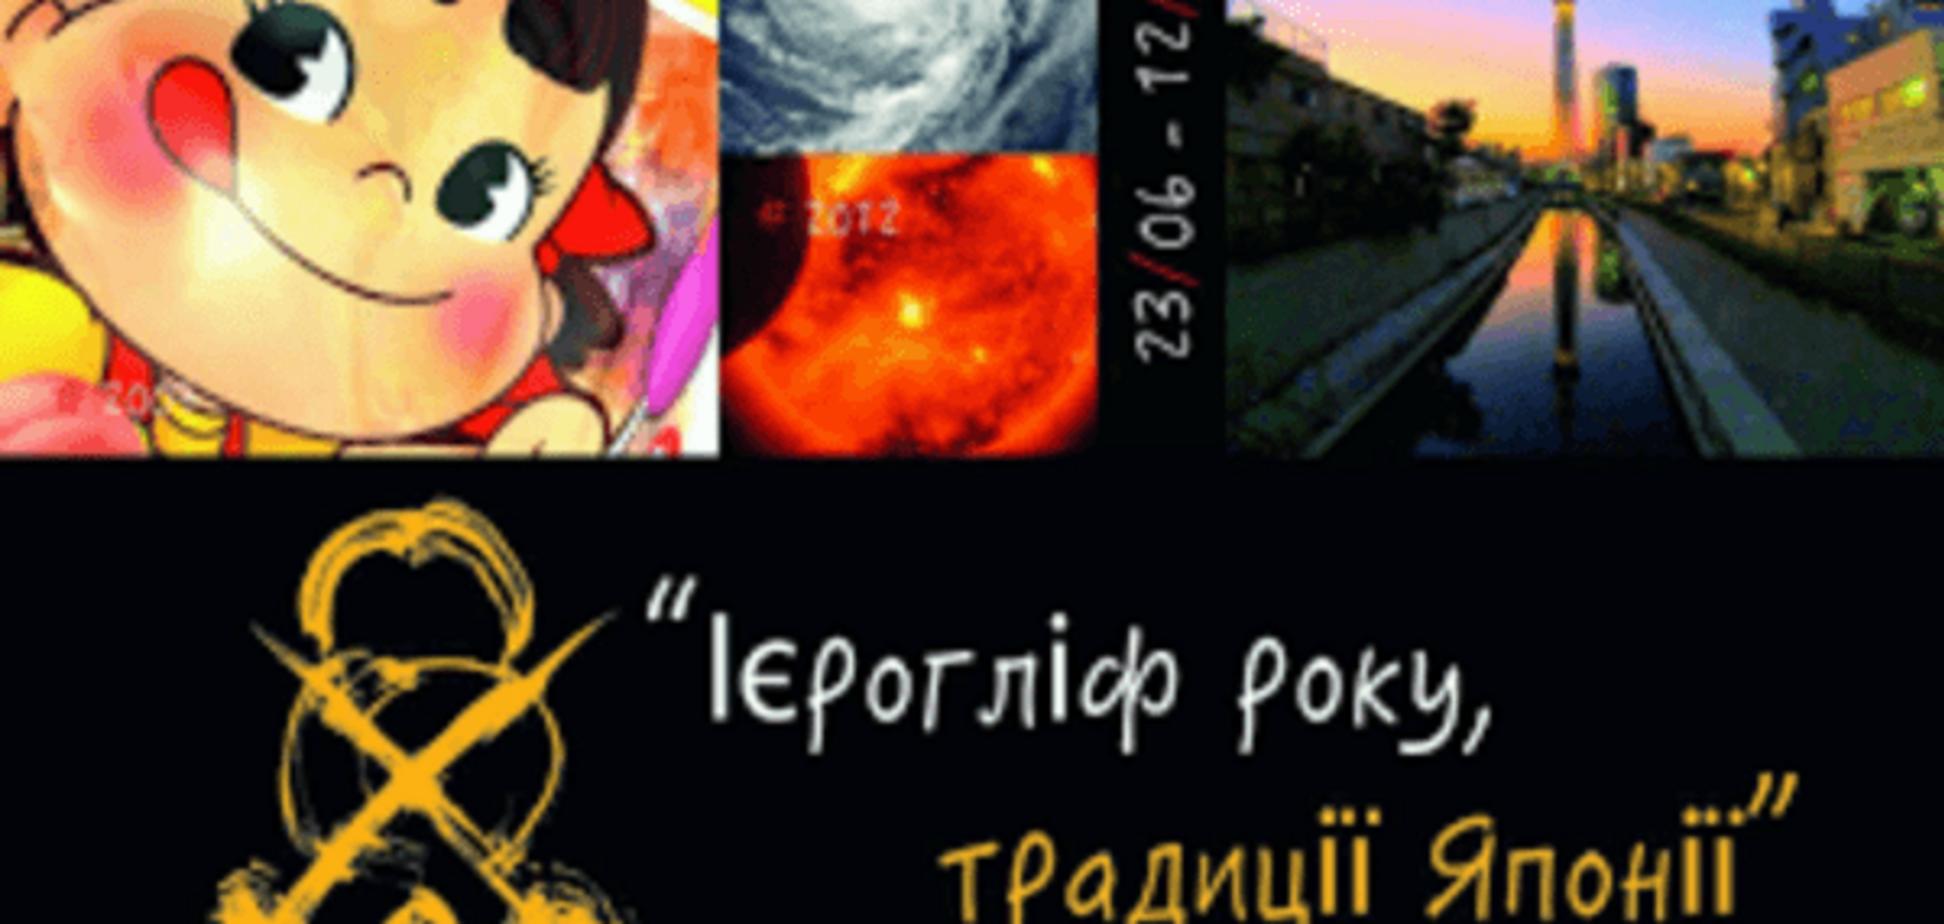 22 июня состоится открытие арт-выставки 'Иероглиф года. Традиция Японии'